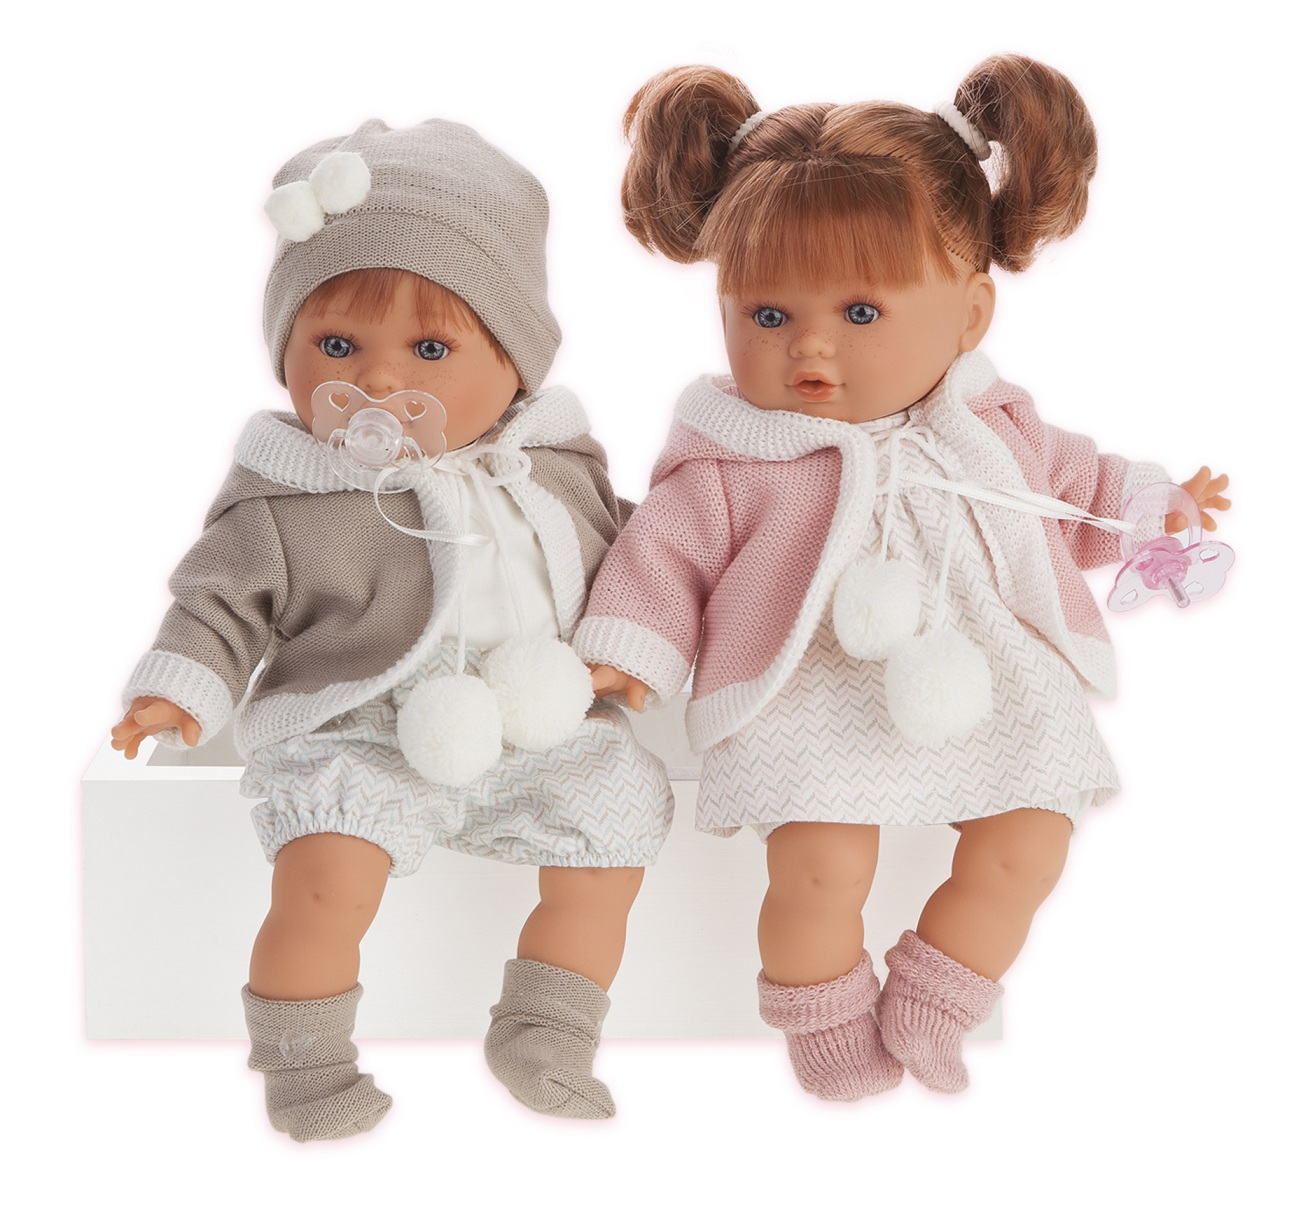 Купить Интерактивная кукла Ника, плачет, 30 см, Antonio Juans Munecas